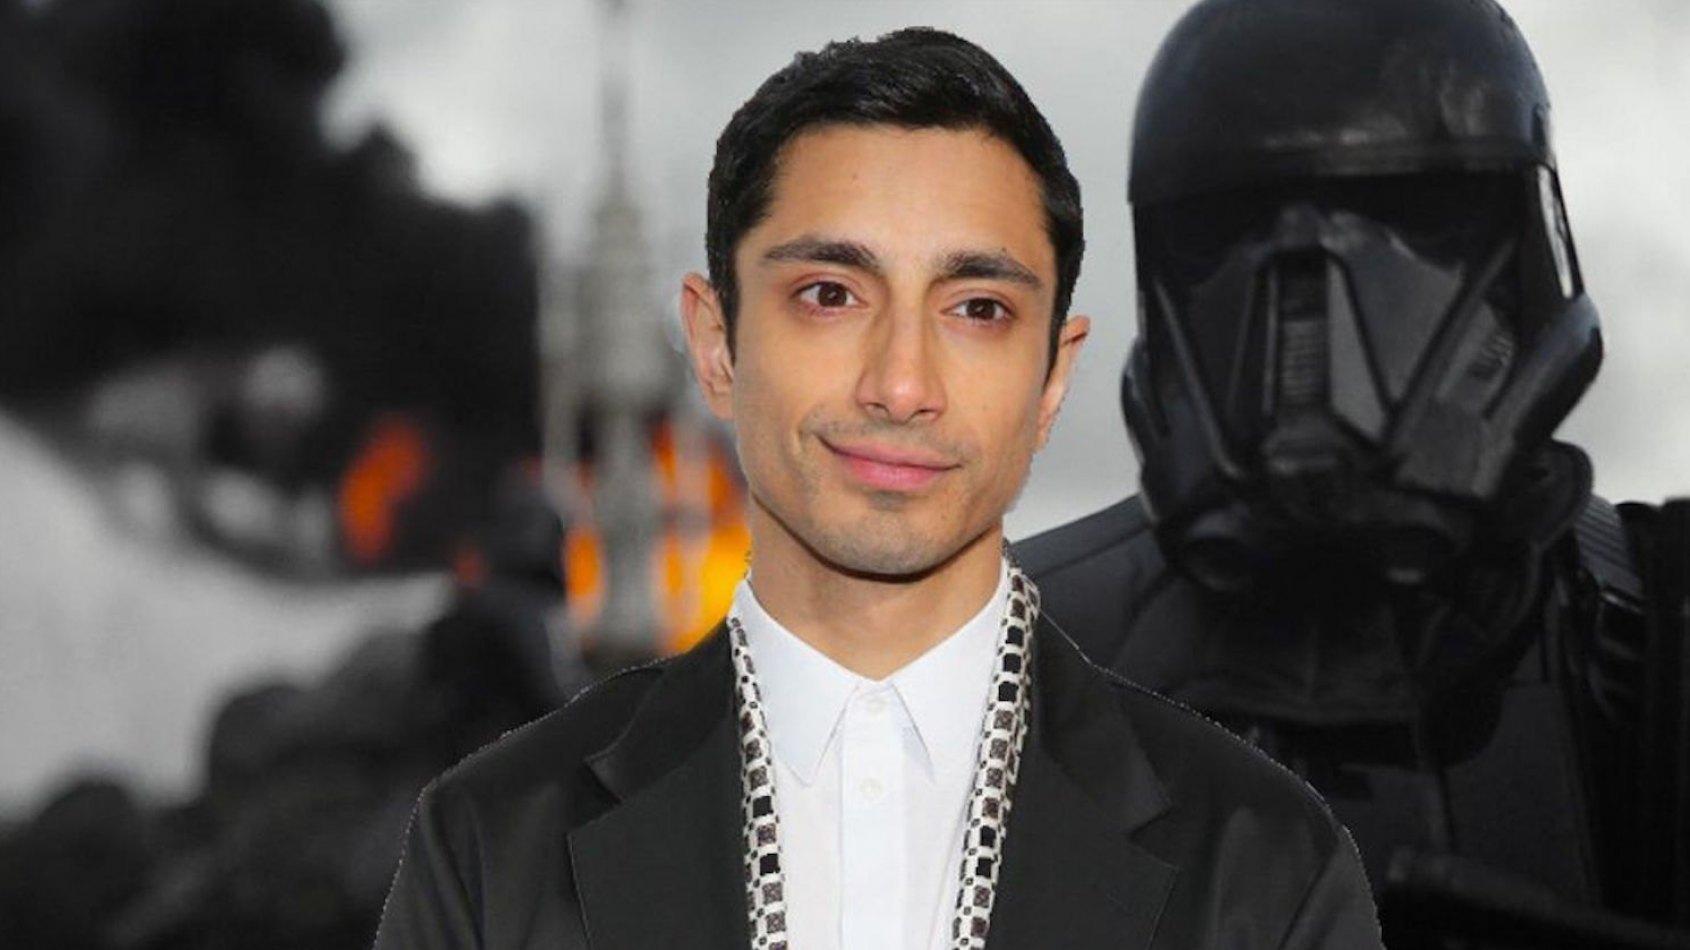 Des reshoots normaux pour Rogue One selon Riz Ahmed